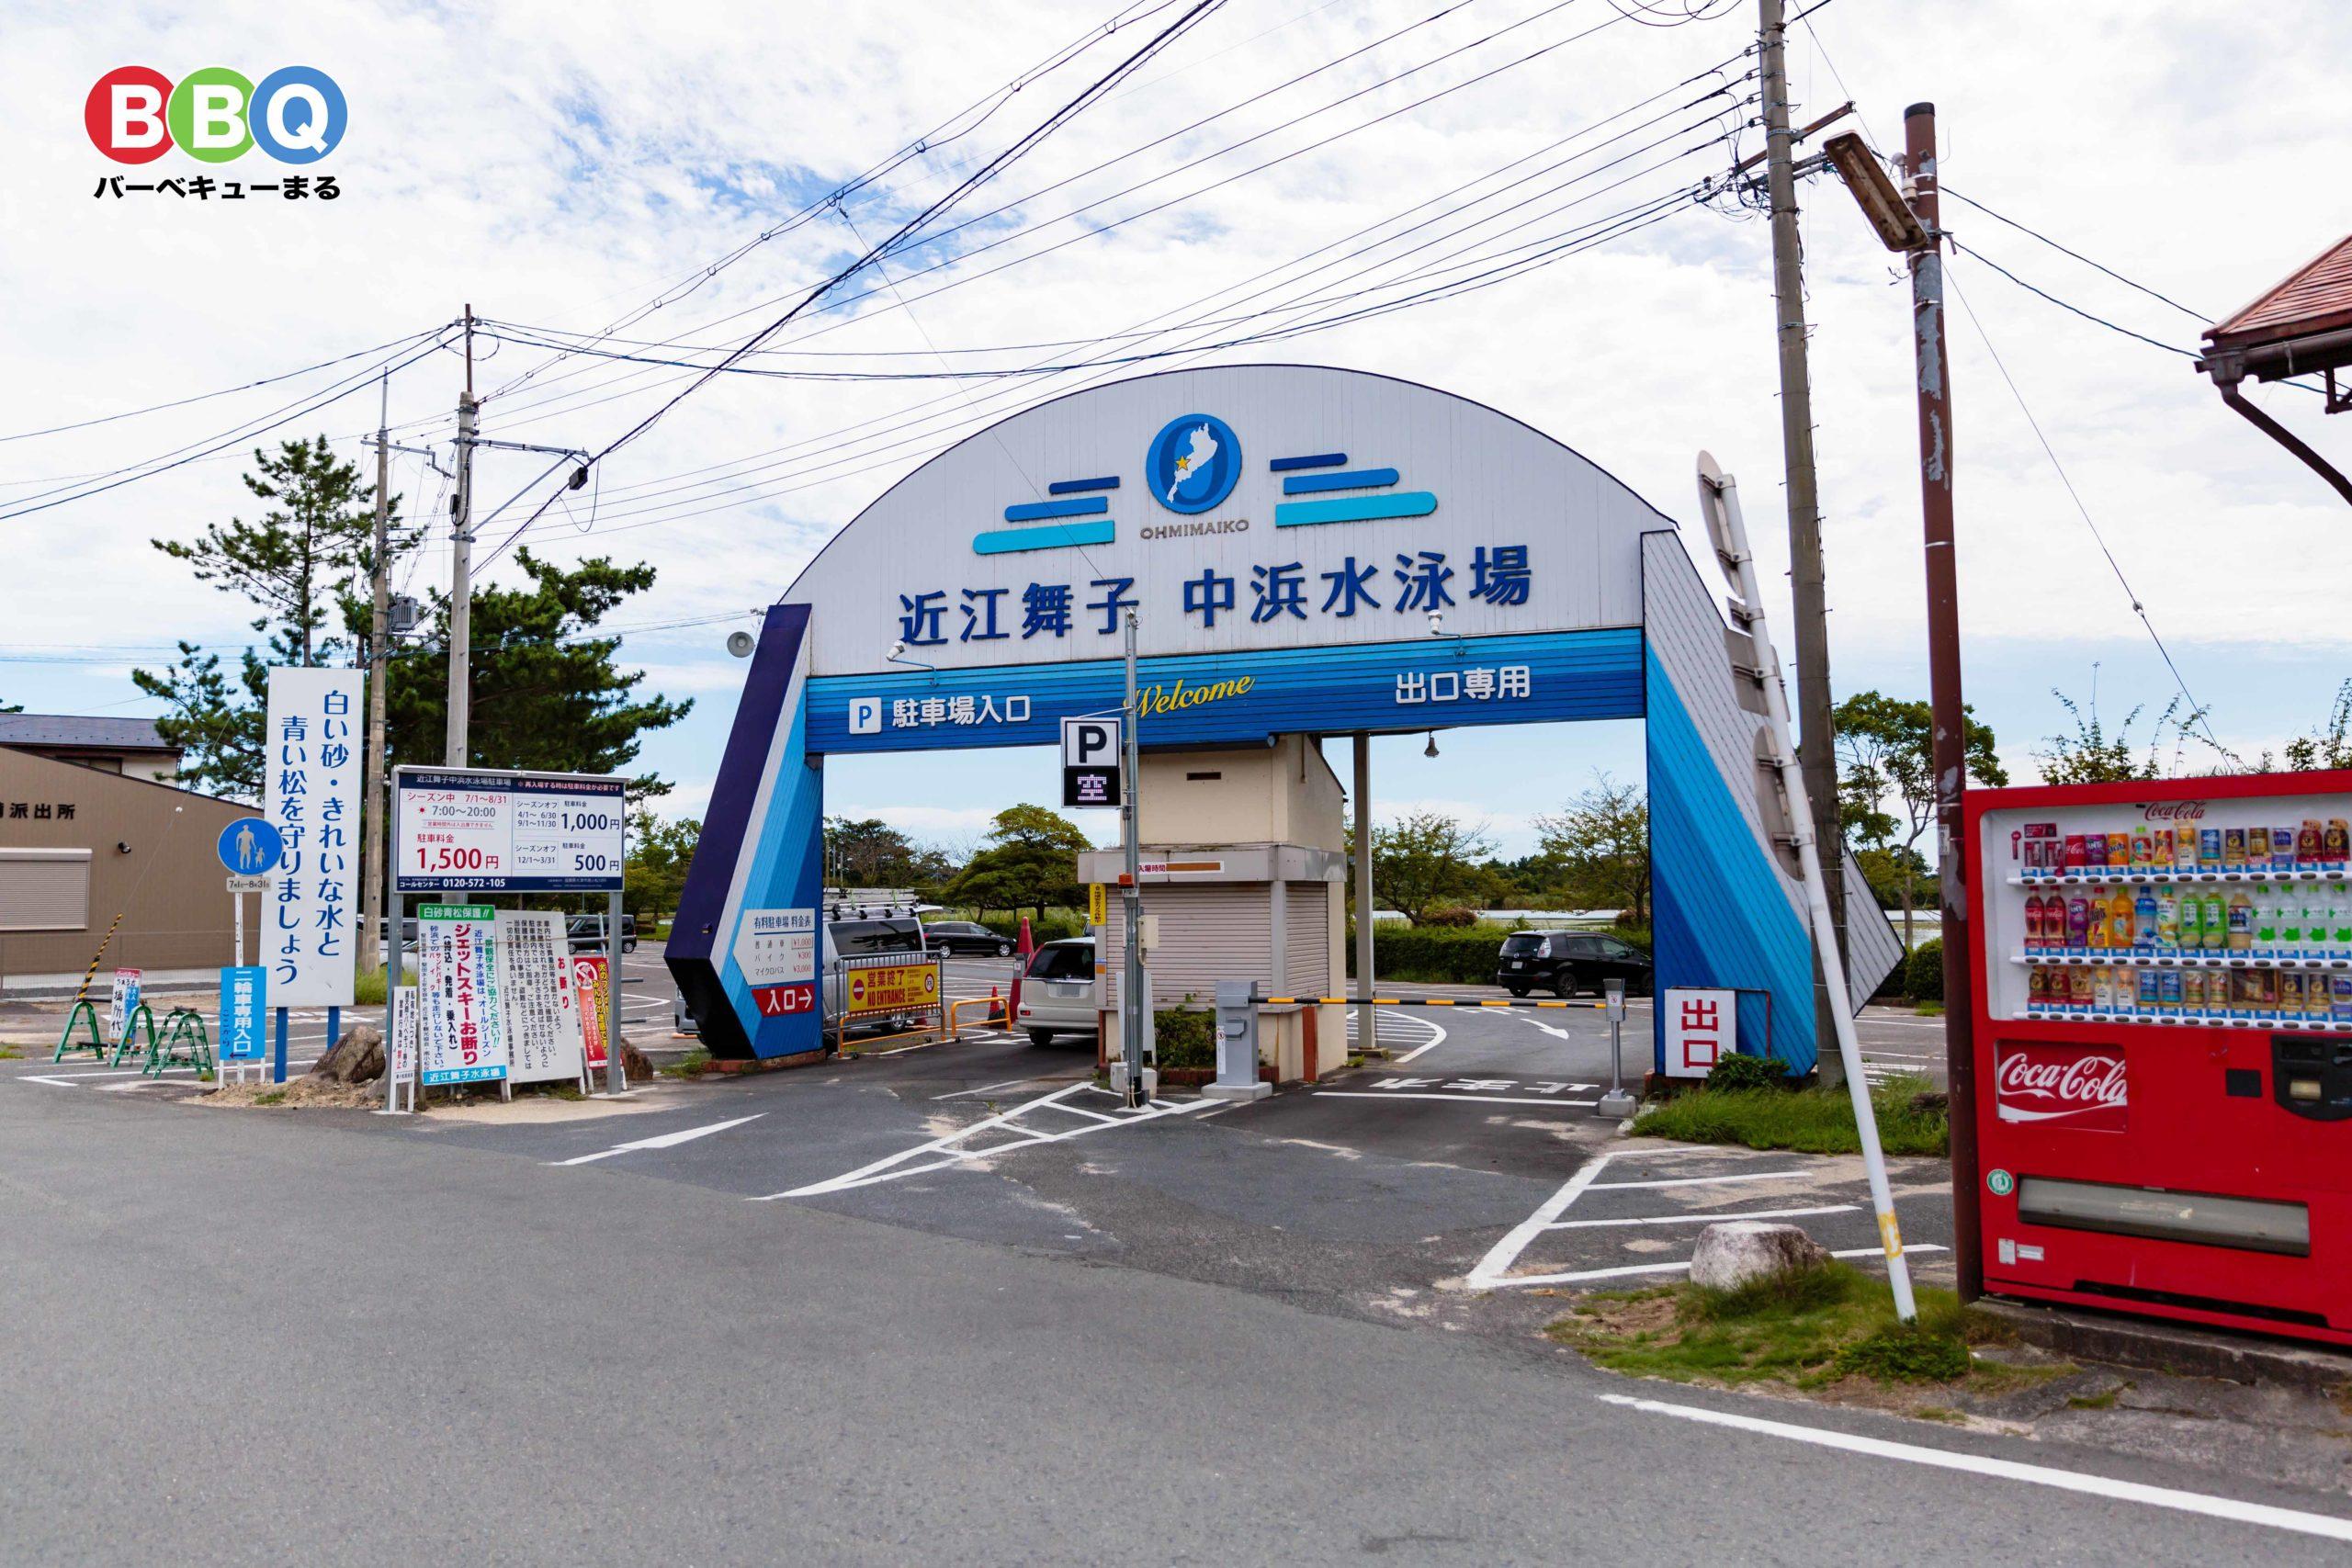 近江舞子中浜水泳場駐車場の出入り口